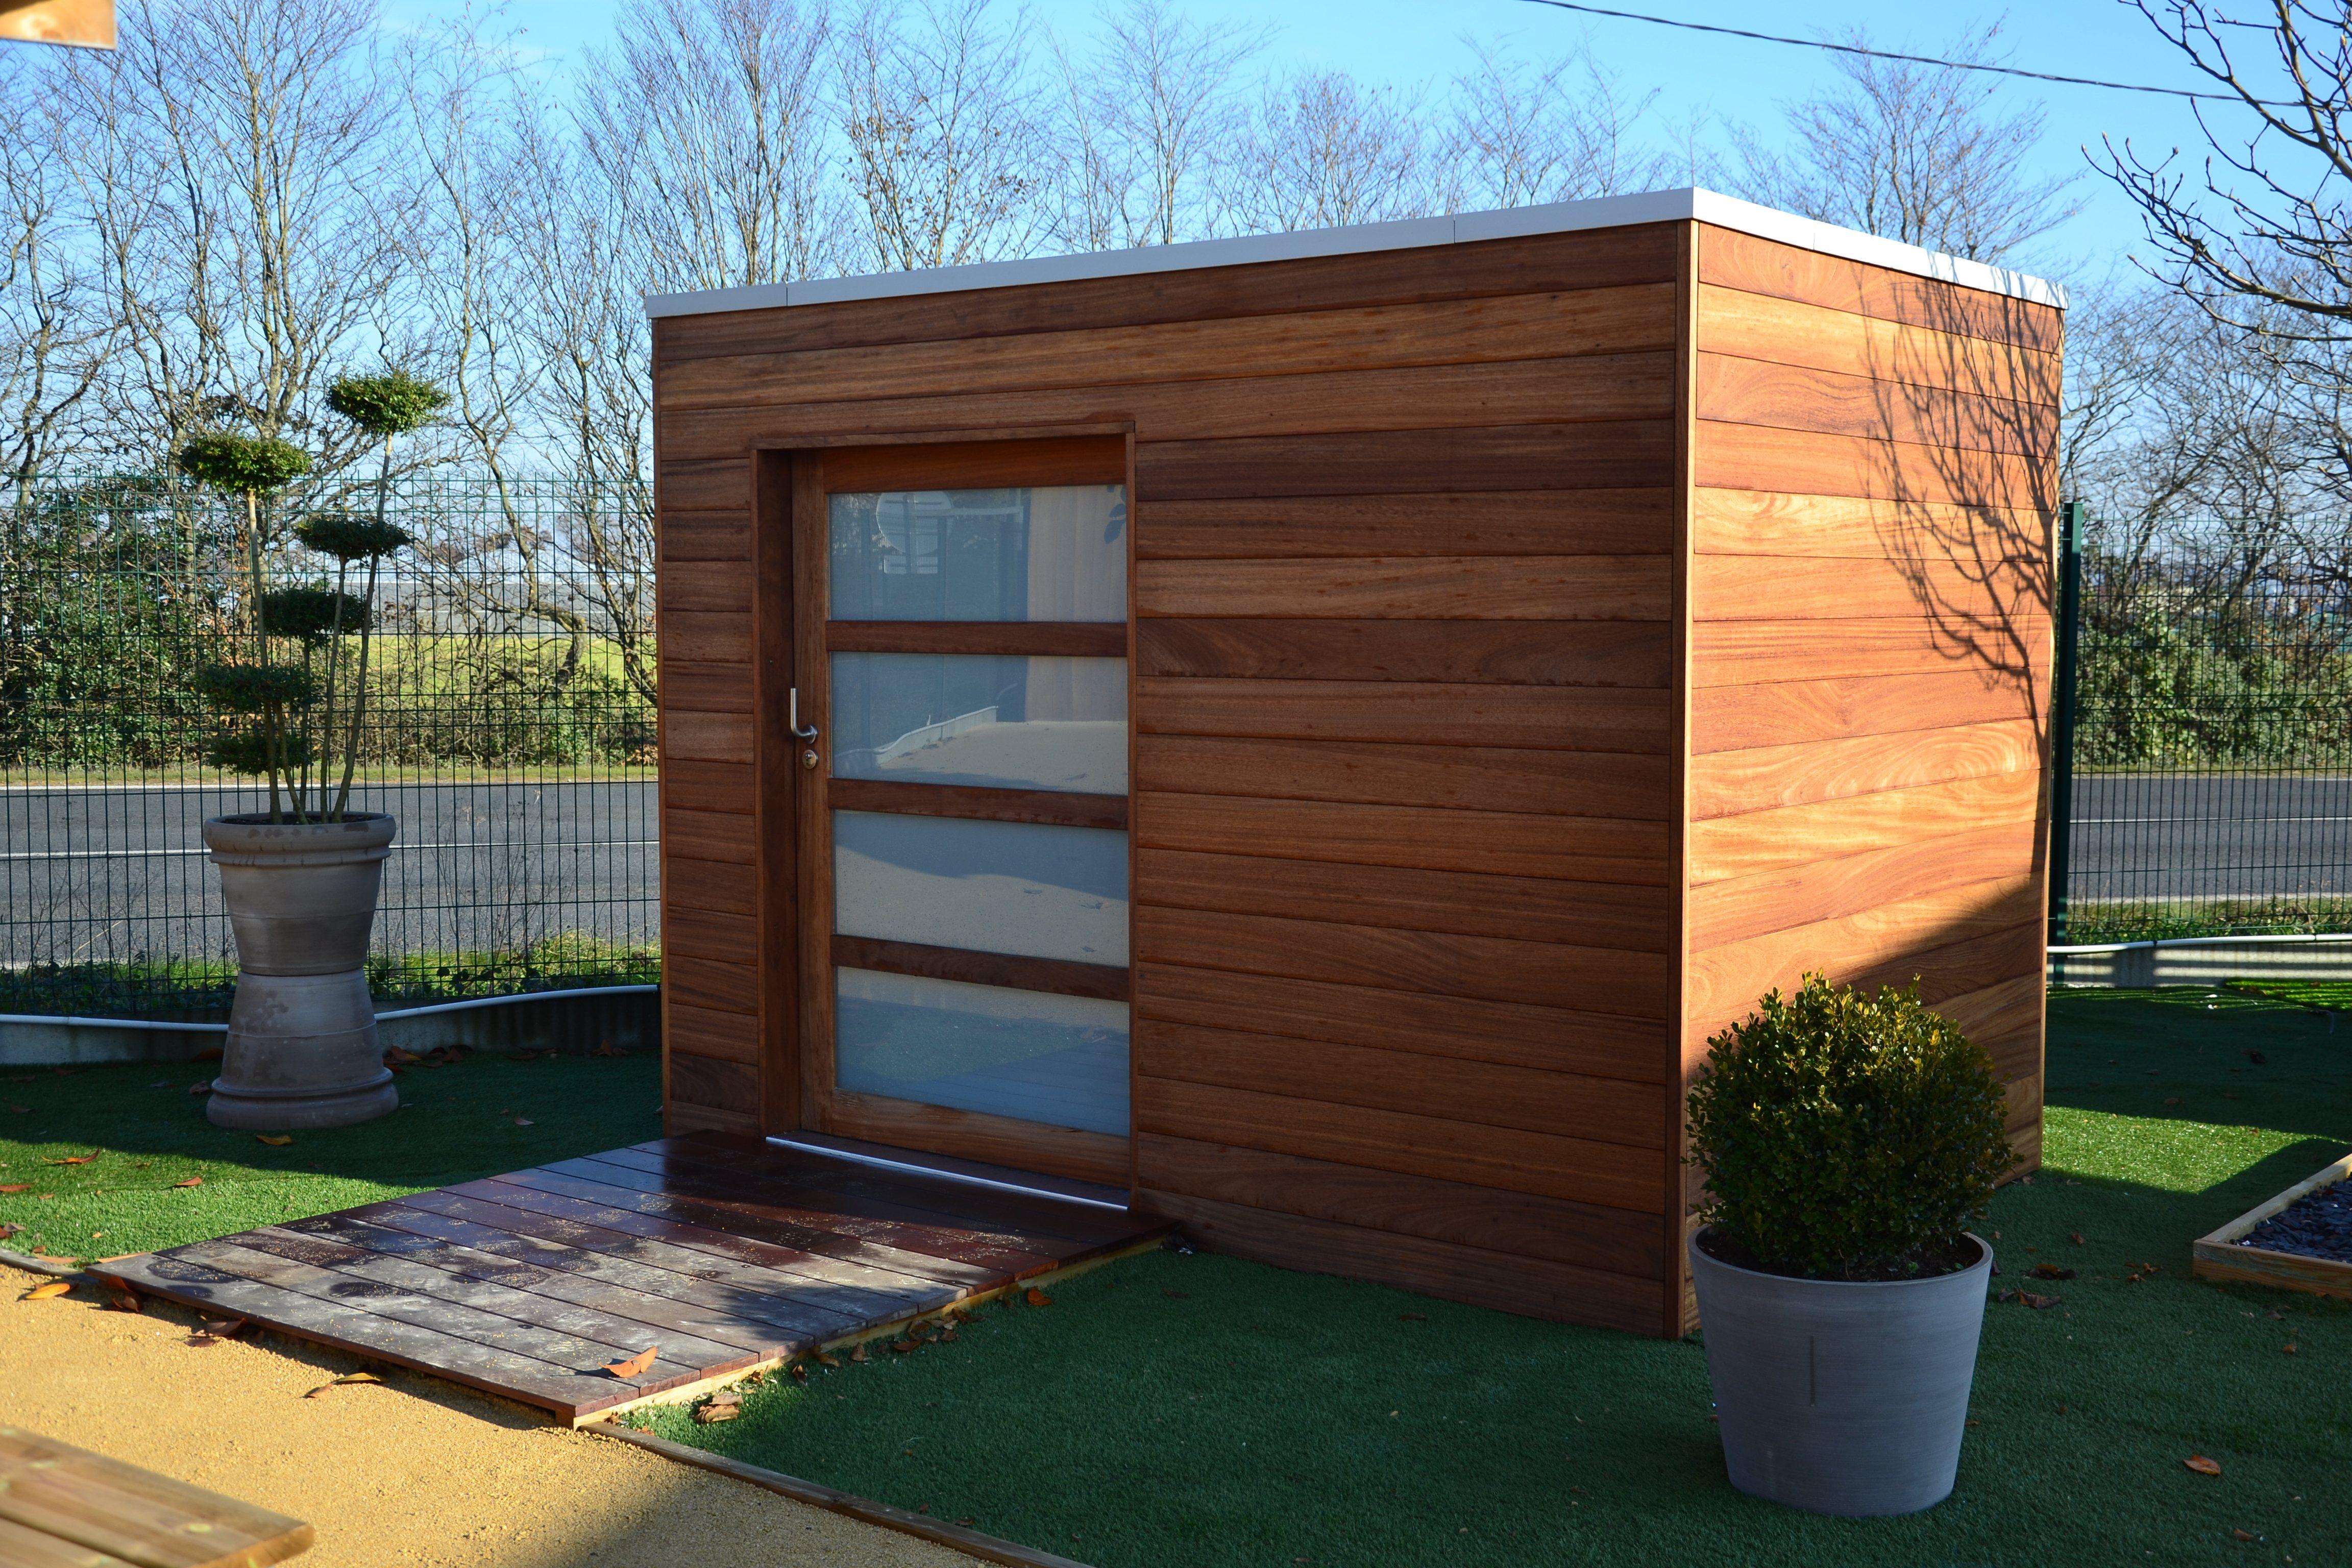 bois expo distribution les actualit s presse de la marque. Black Bedroom Furniture Sets. Home Design Ideas